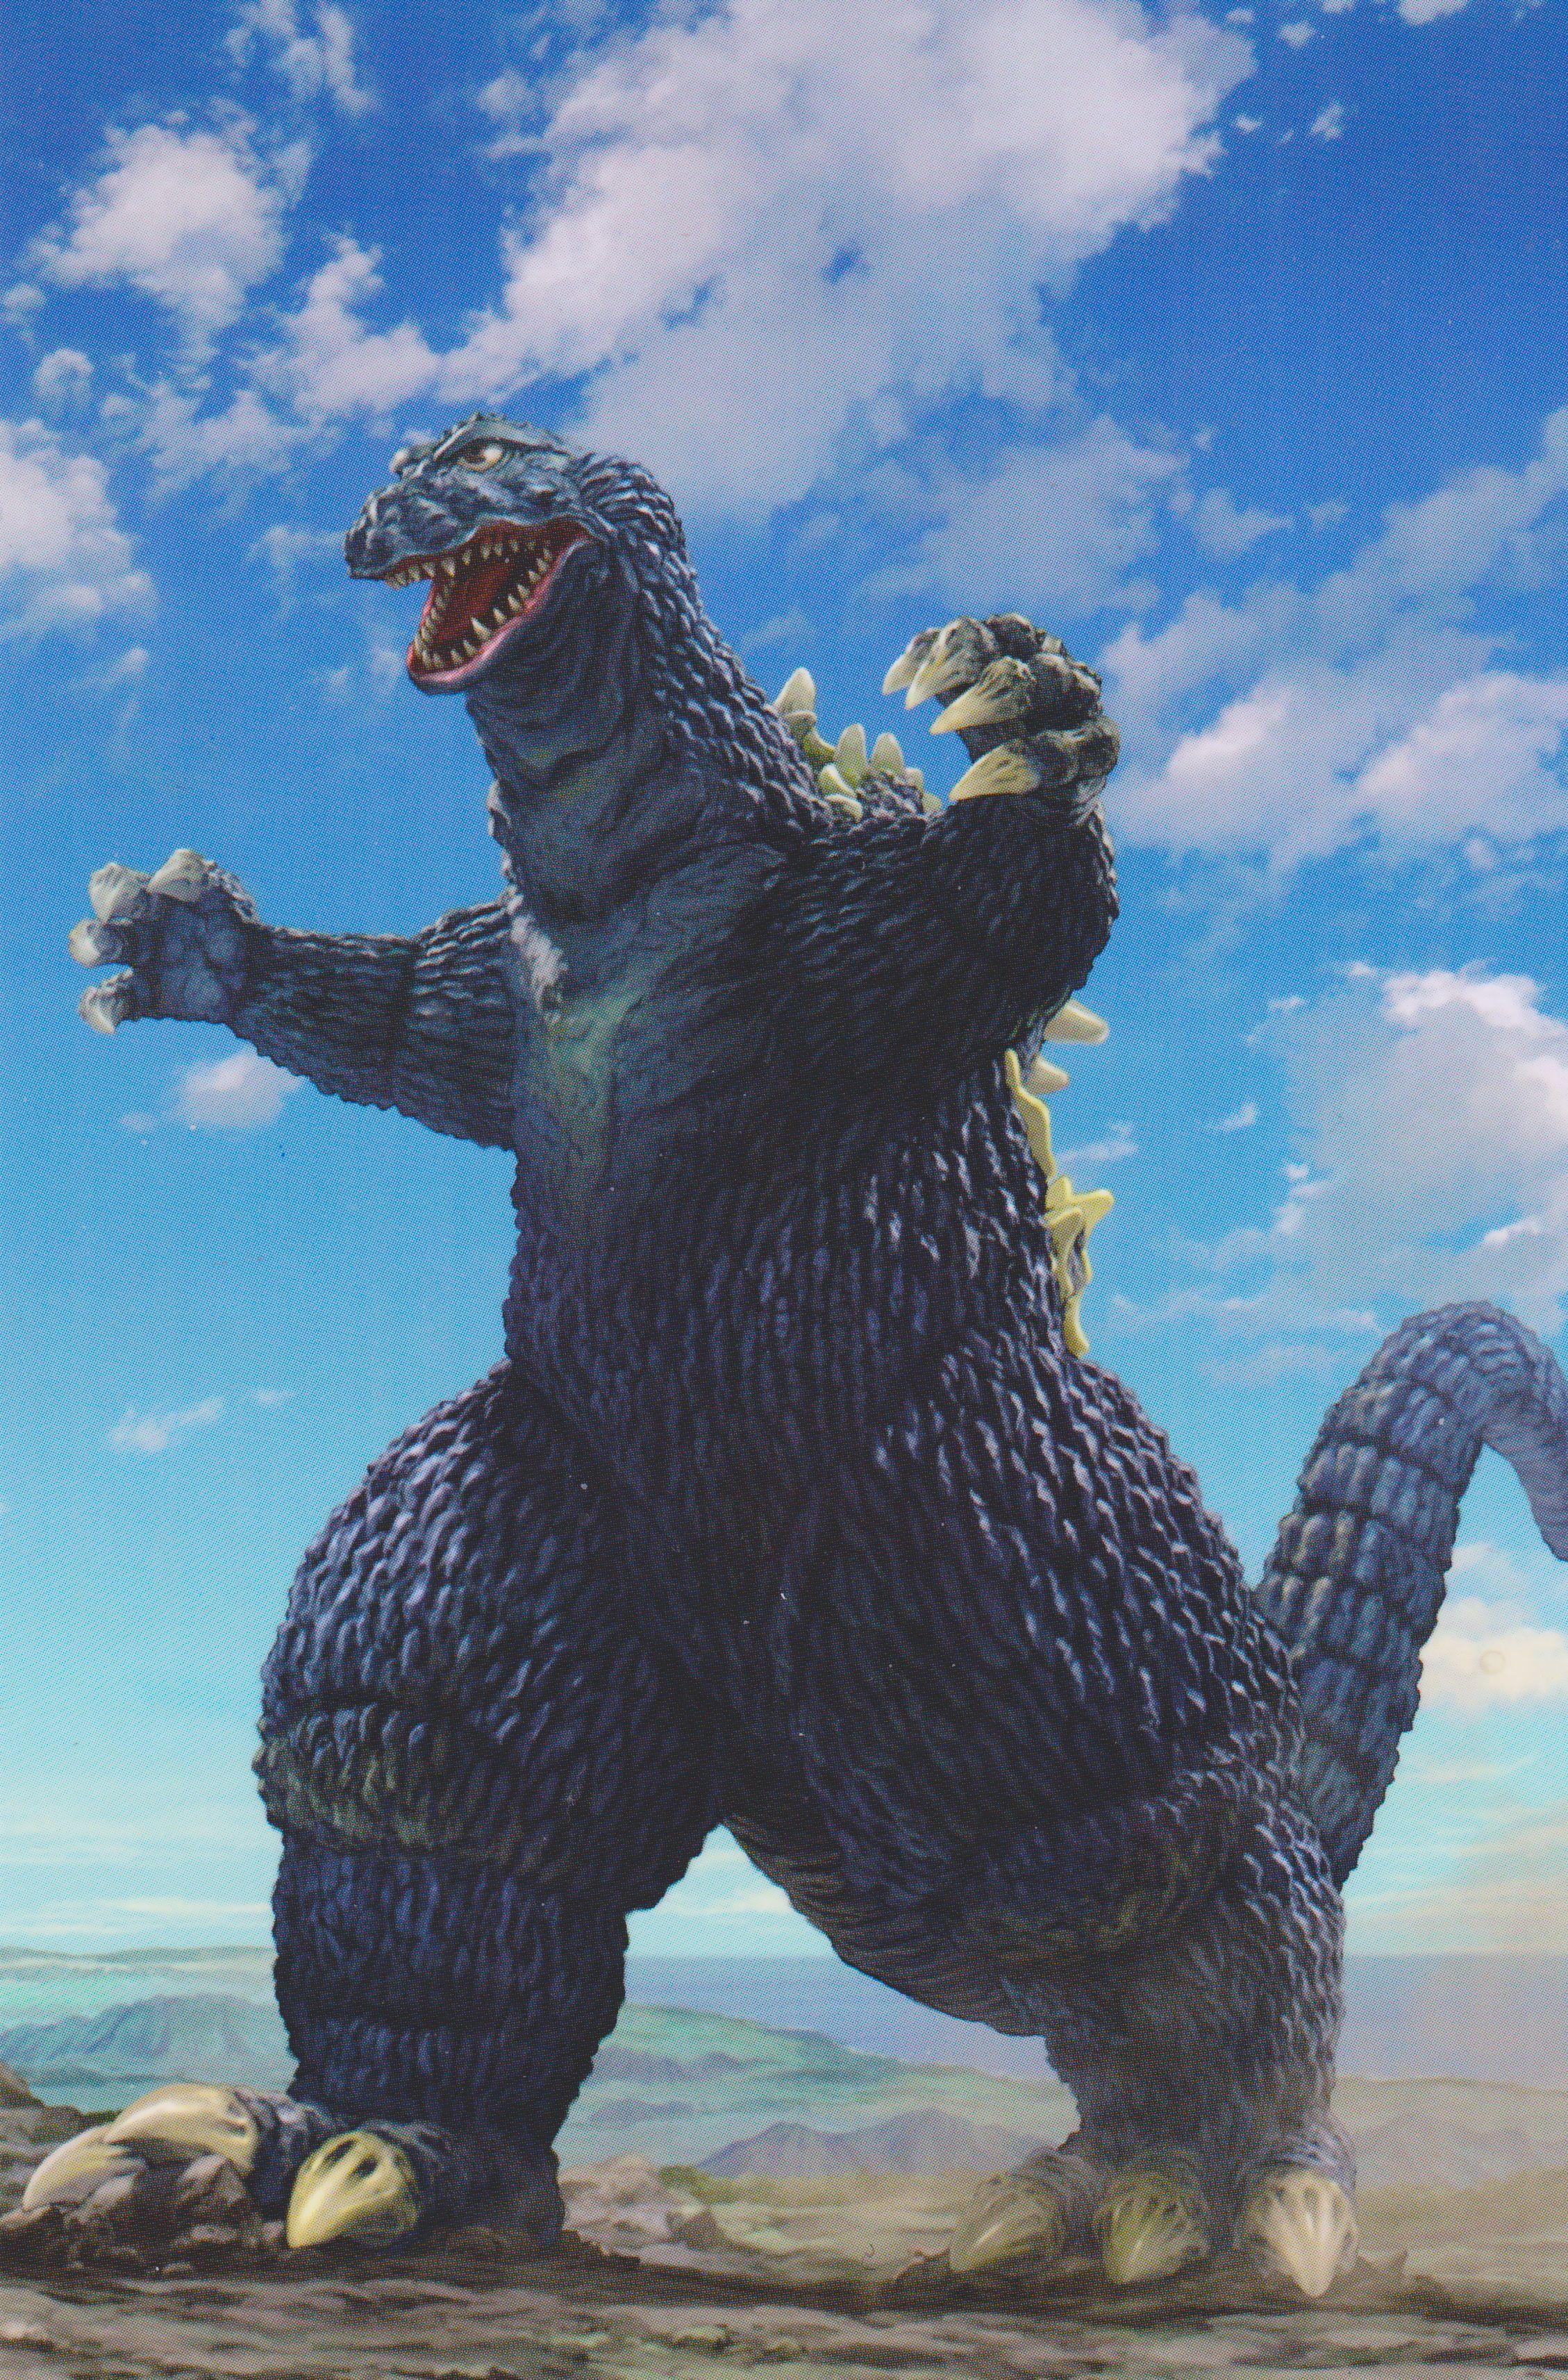 Godzilla 1962 Suit My favorite Godzilla s...